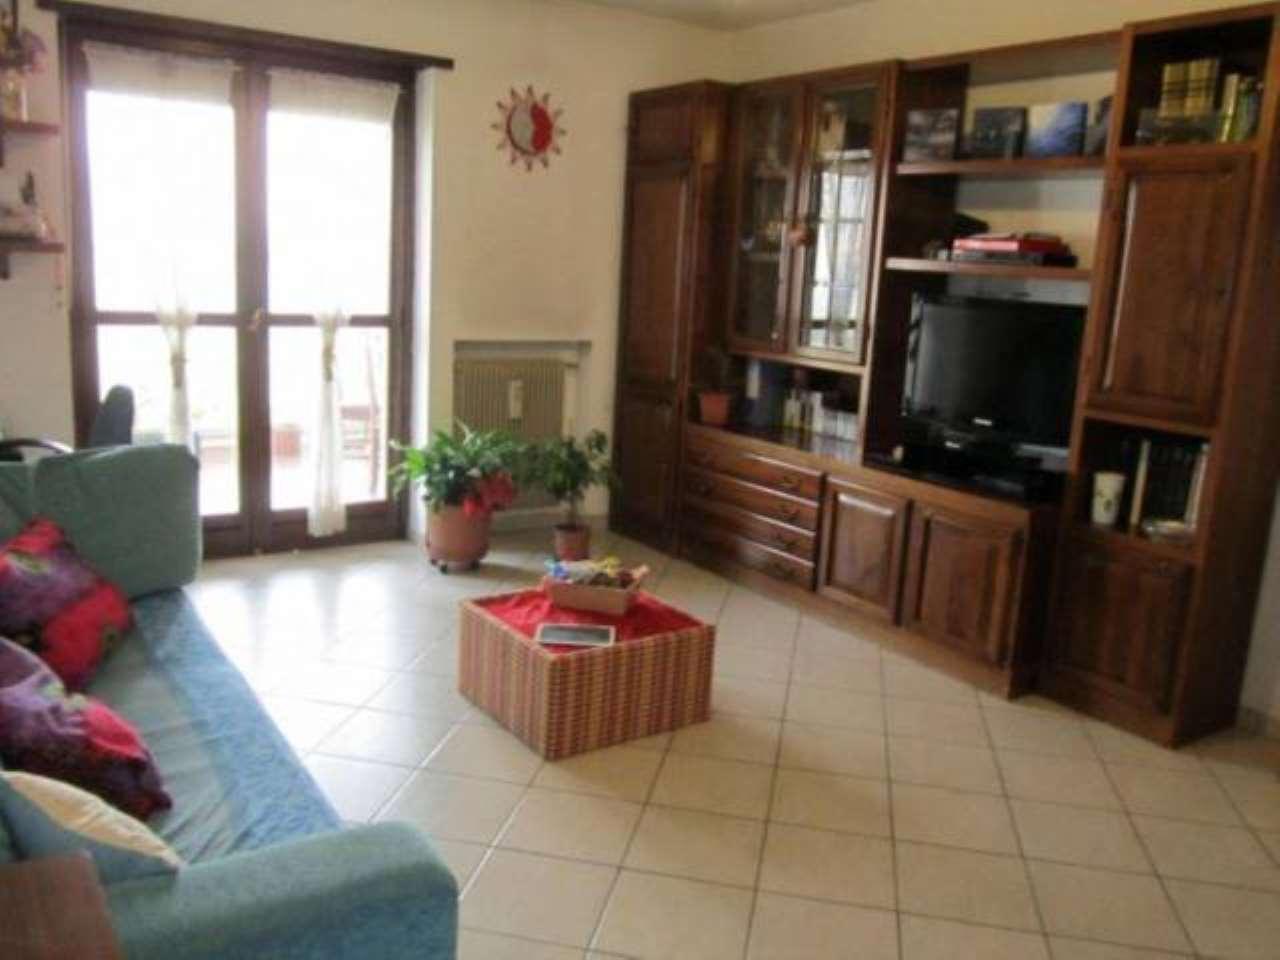 Appartamento in vendita a Vinovo, 4 locali, prezzo € 95.000 | PortaleAgenzieImmobiliari.it